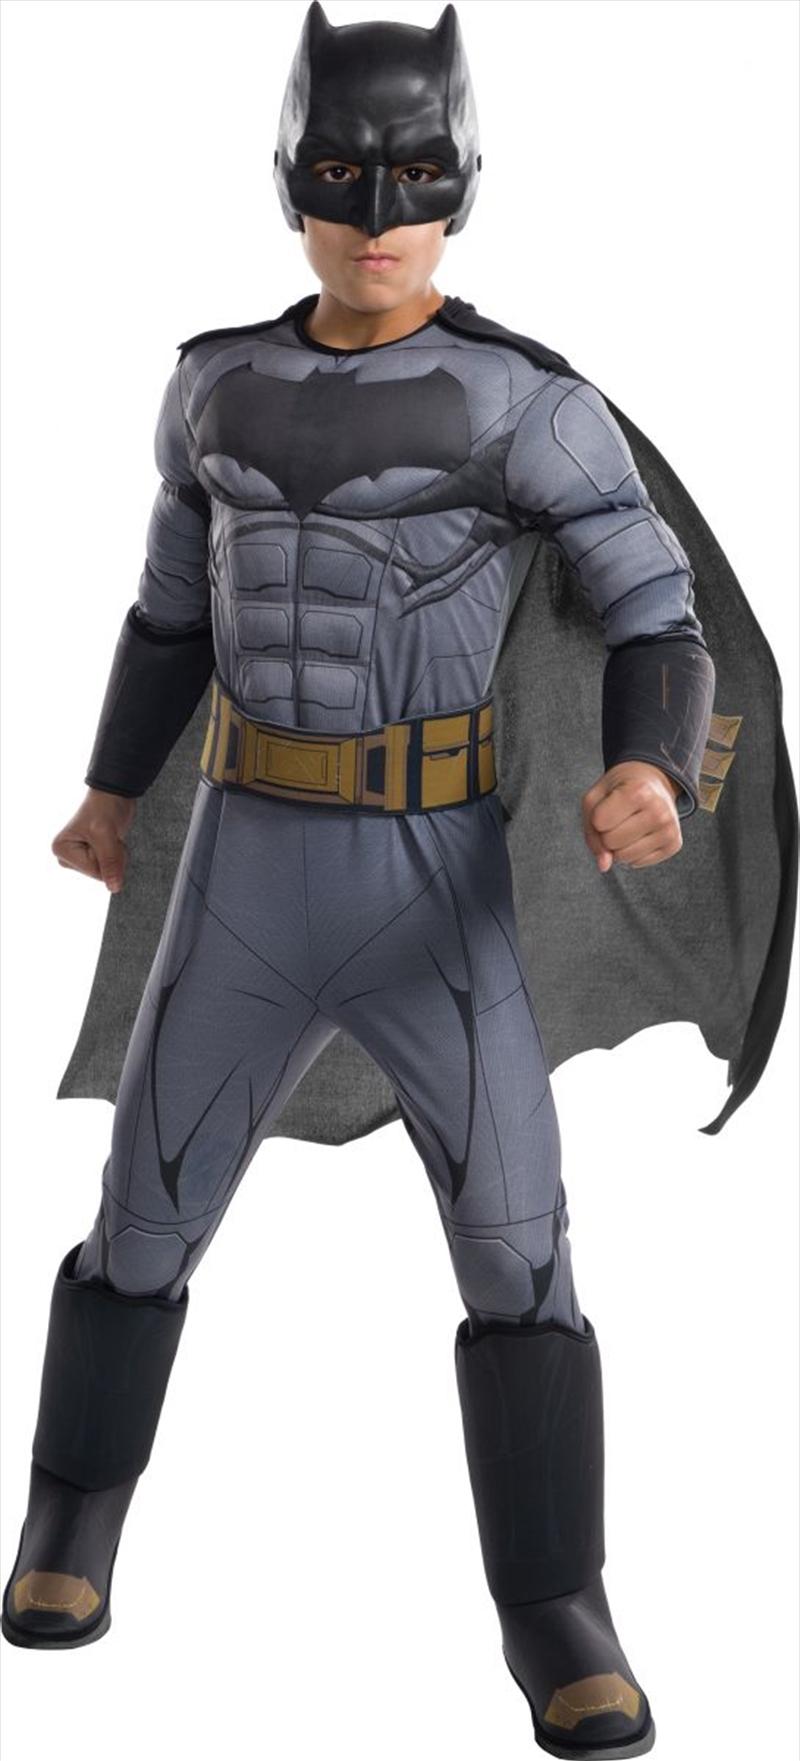 Kids Deluxe Batman Justice League Costume (Medium) | Apparel